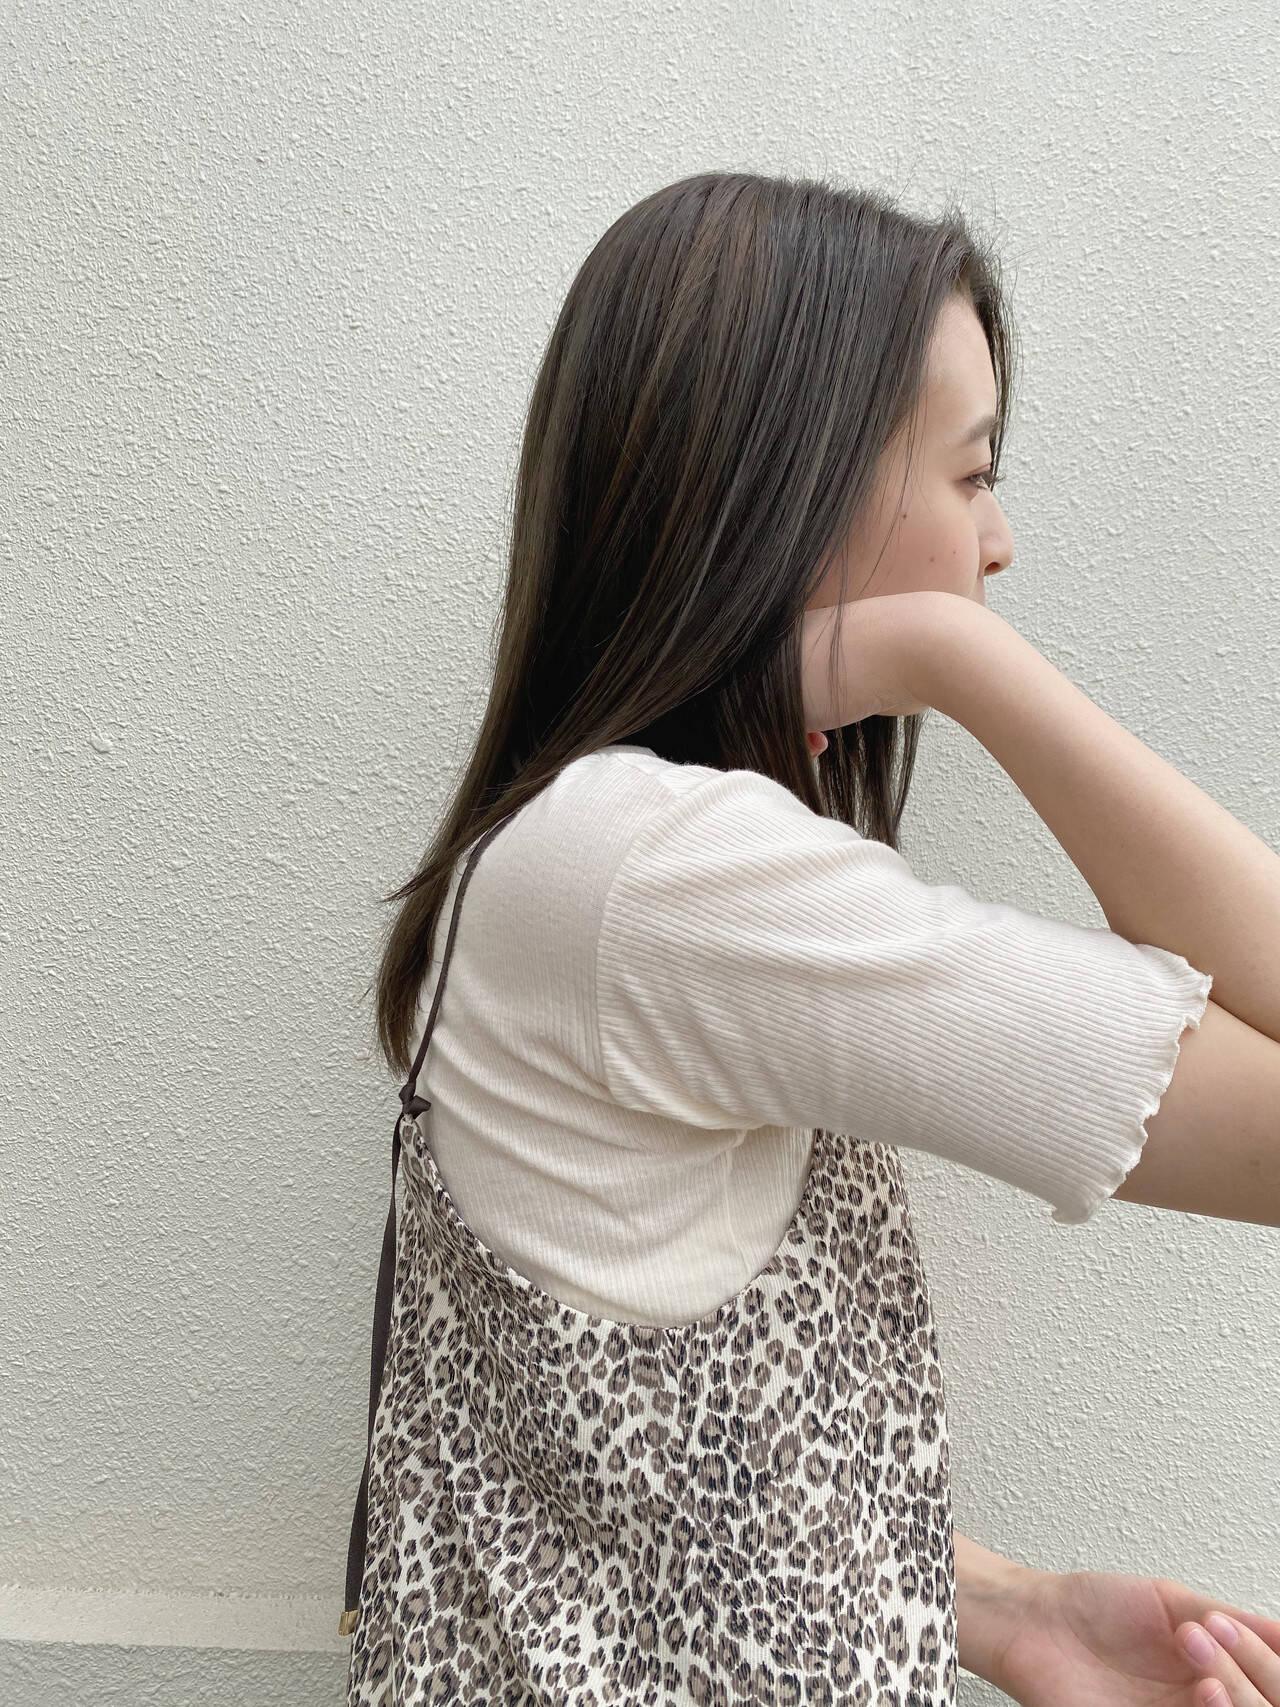 ナチュラルベージュ シアーベージュ ミルクティーベージュ オリーブベージュヘアスタイルや髪型の写真・画像